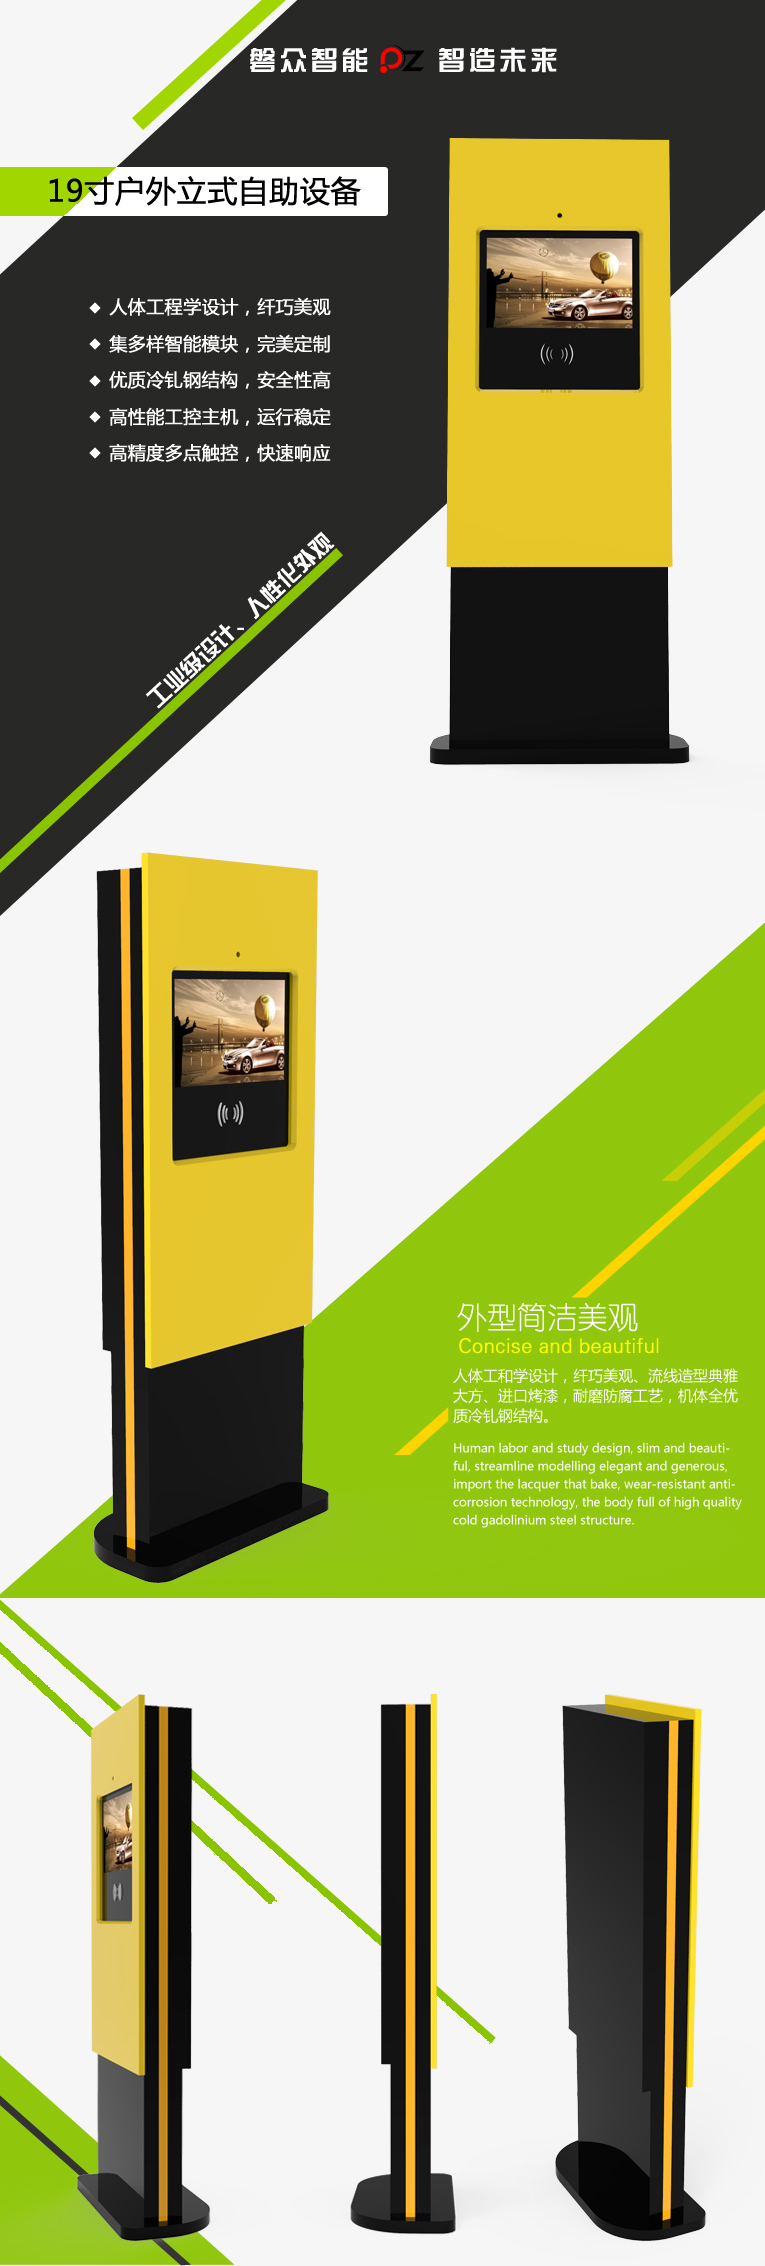 19寸户外立式刷卡自助服务设备/一体机-广州磐众智能科技有限公司